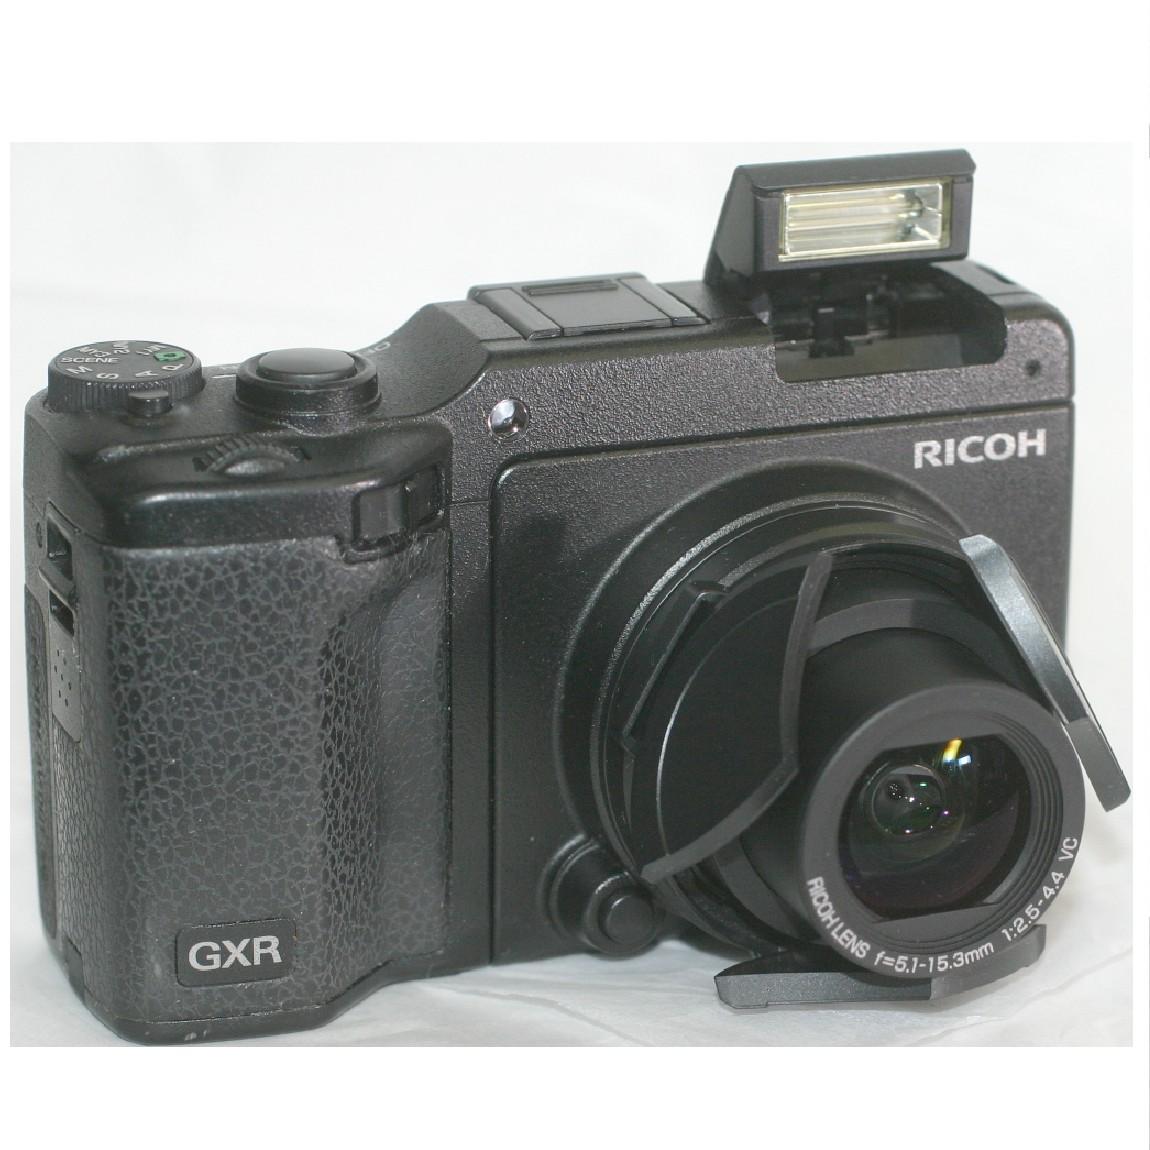 【中古】完動美品リコーのデジタルカメラGXR +S-10キット 1ヶ月保障付 20200310-5